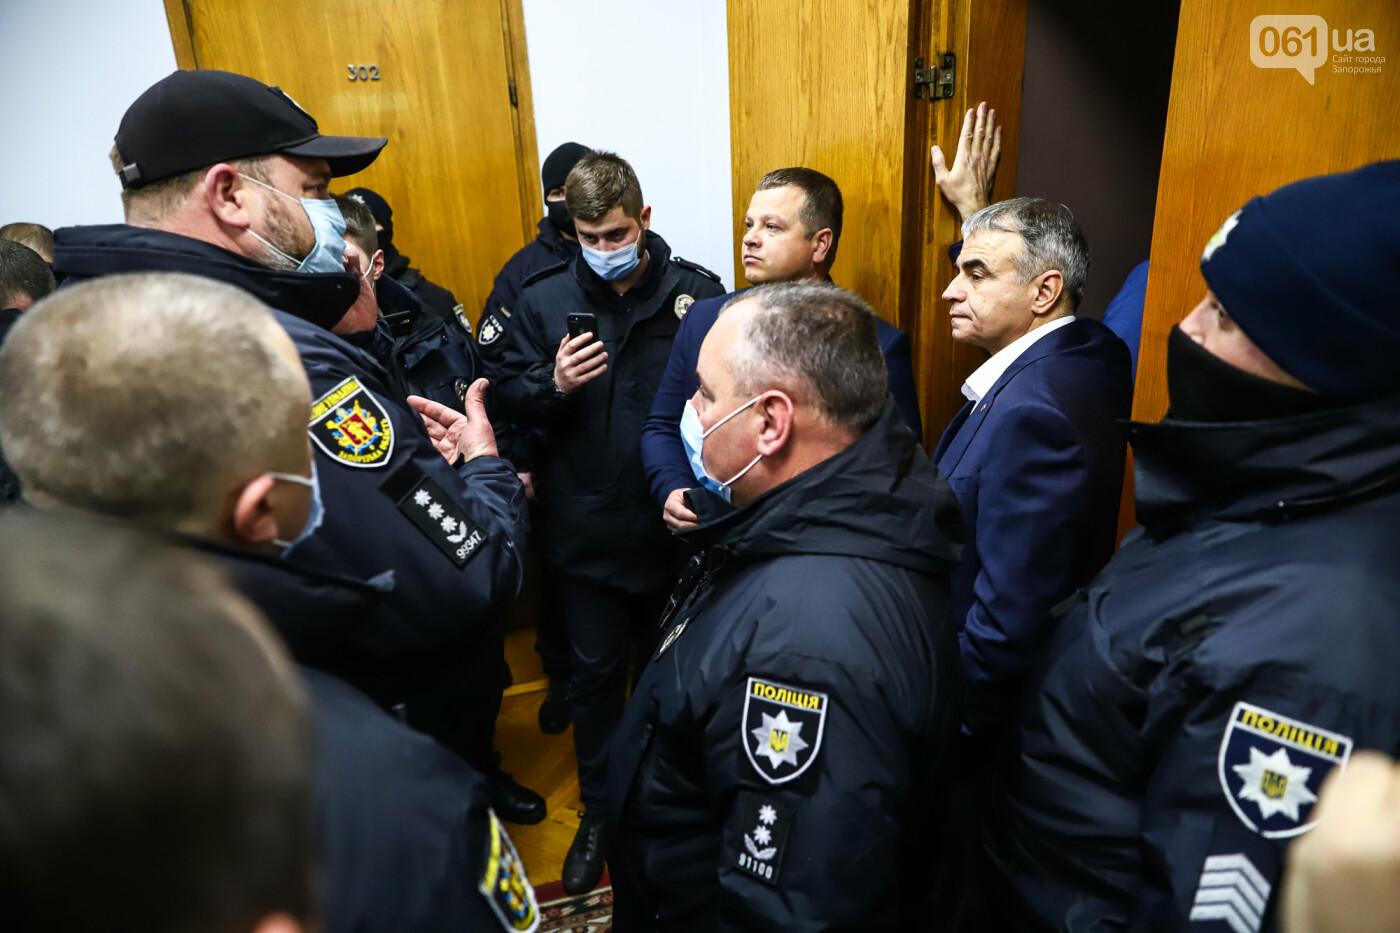 """Тайная """"сессия"""", сотни правоохранителей и стычки с активистами - что происходило в здании Запорожского облсовета, - ФОТО, ВИДЕО , фото-55"""